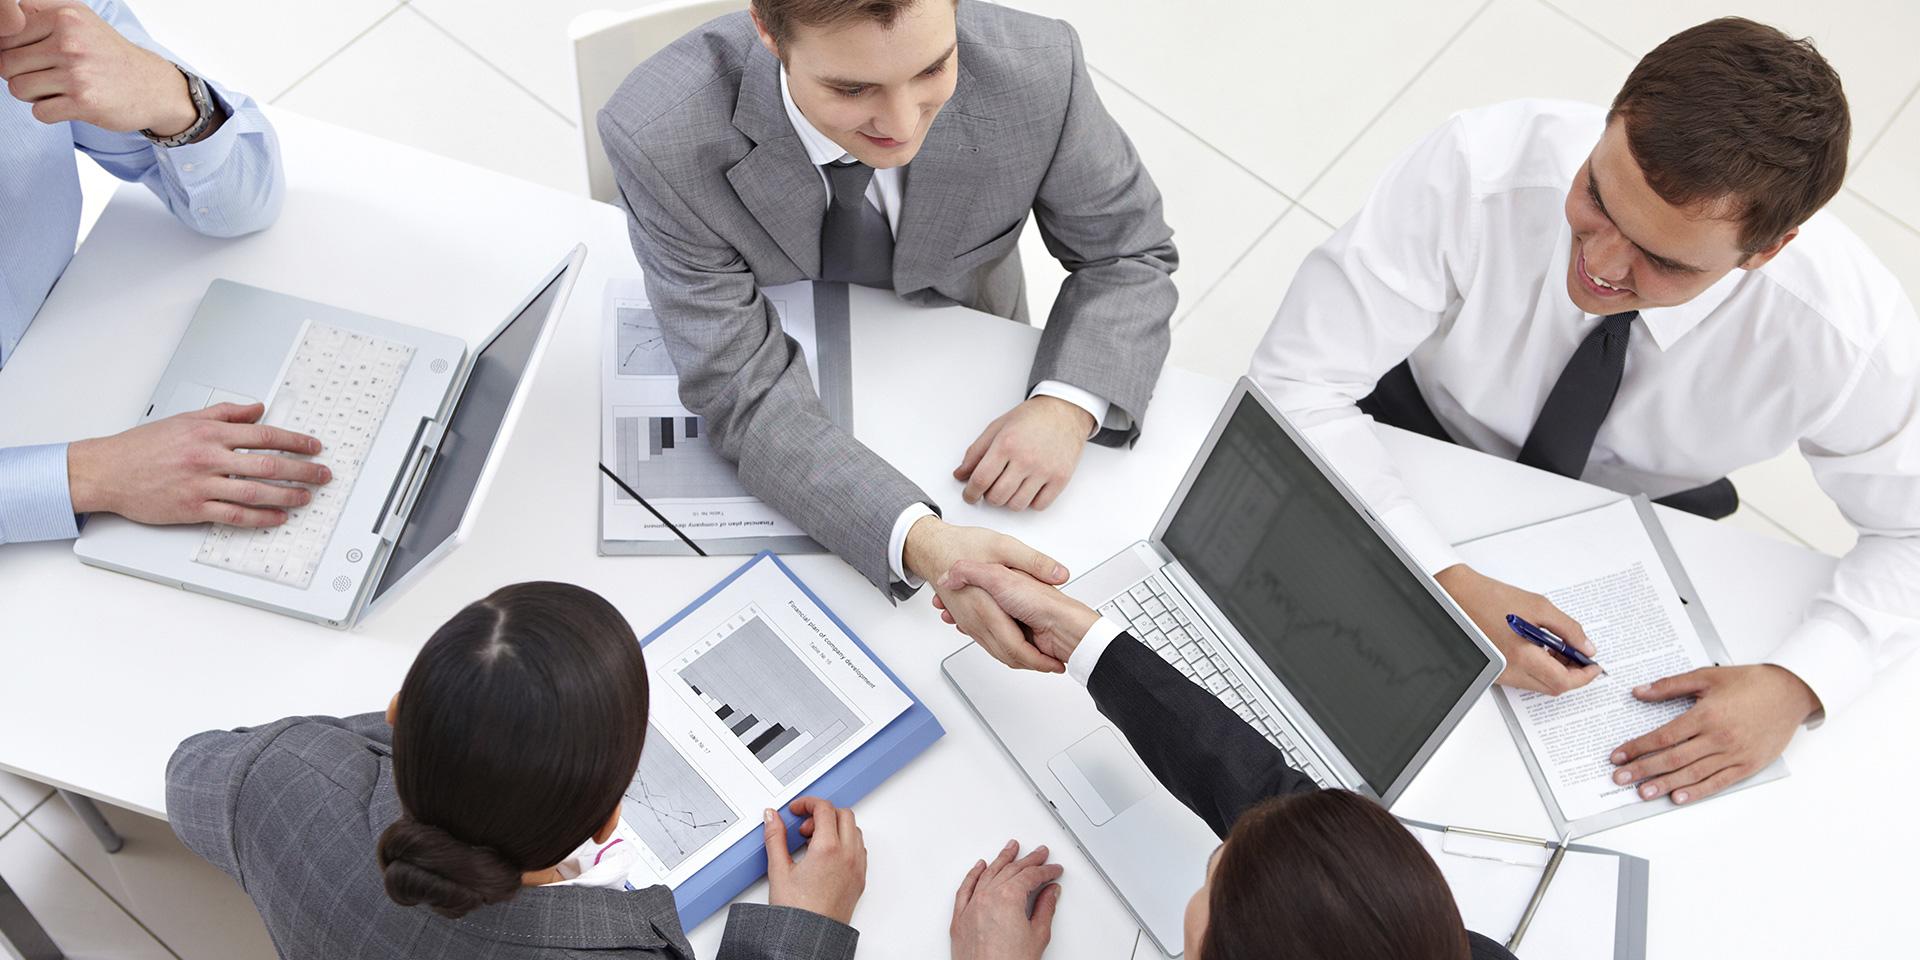 Mách bạn những ý tưởng kinh doanh dịch vụ hợp lý